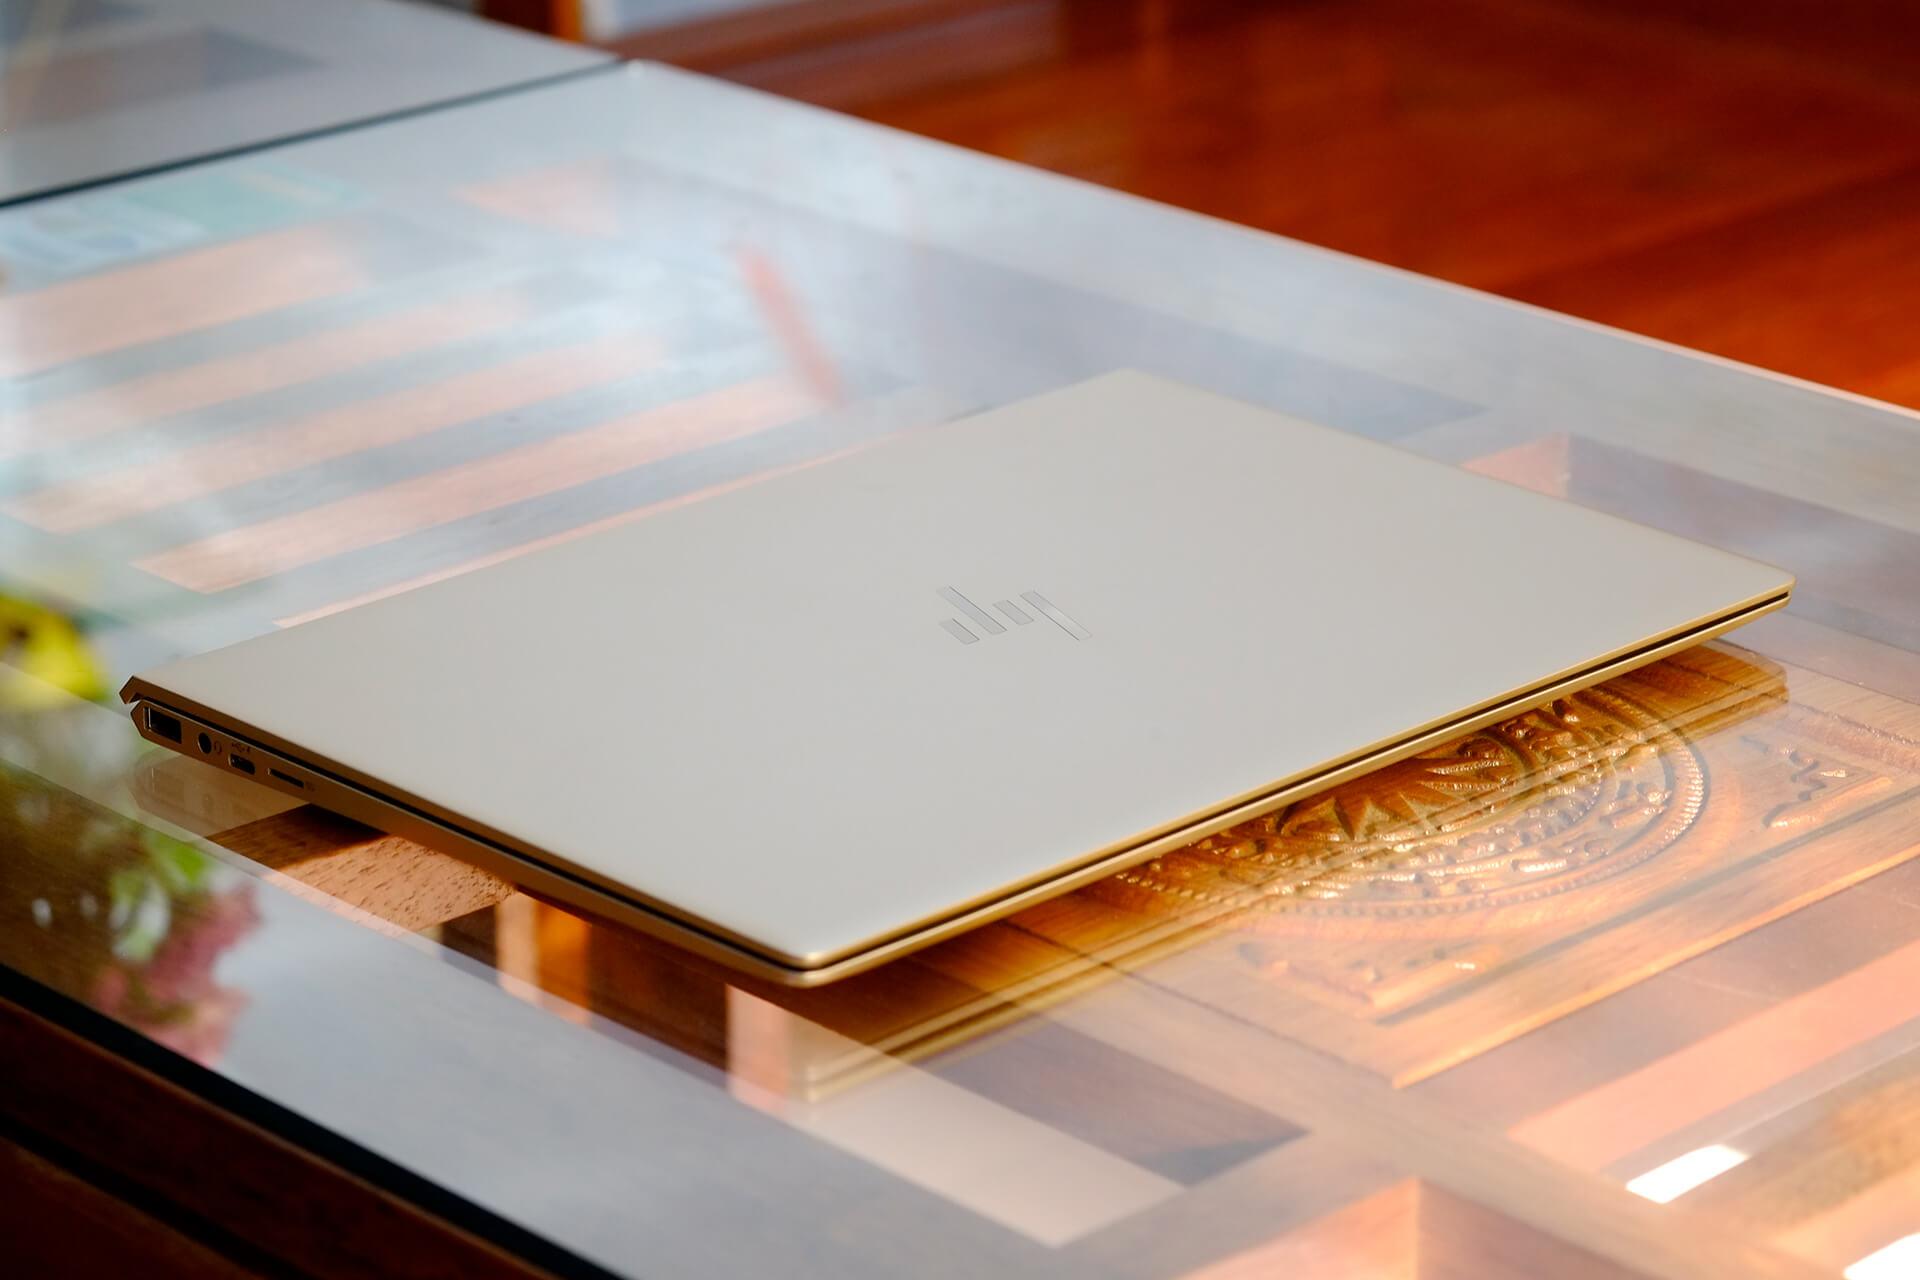 Hp Envy 13 I7 7500U Gold 9